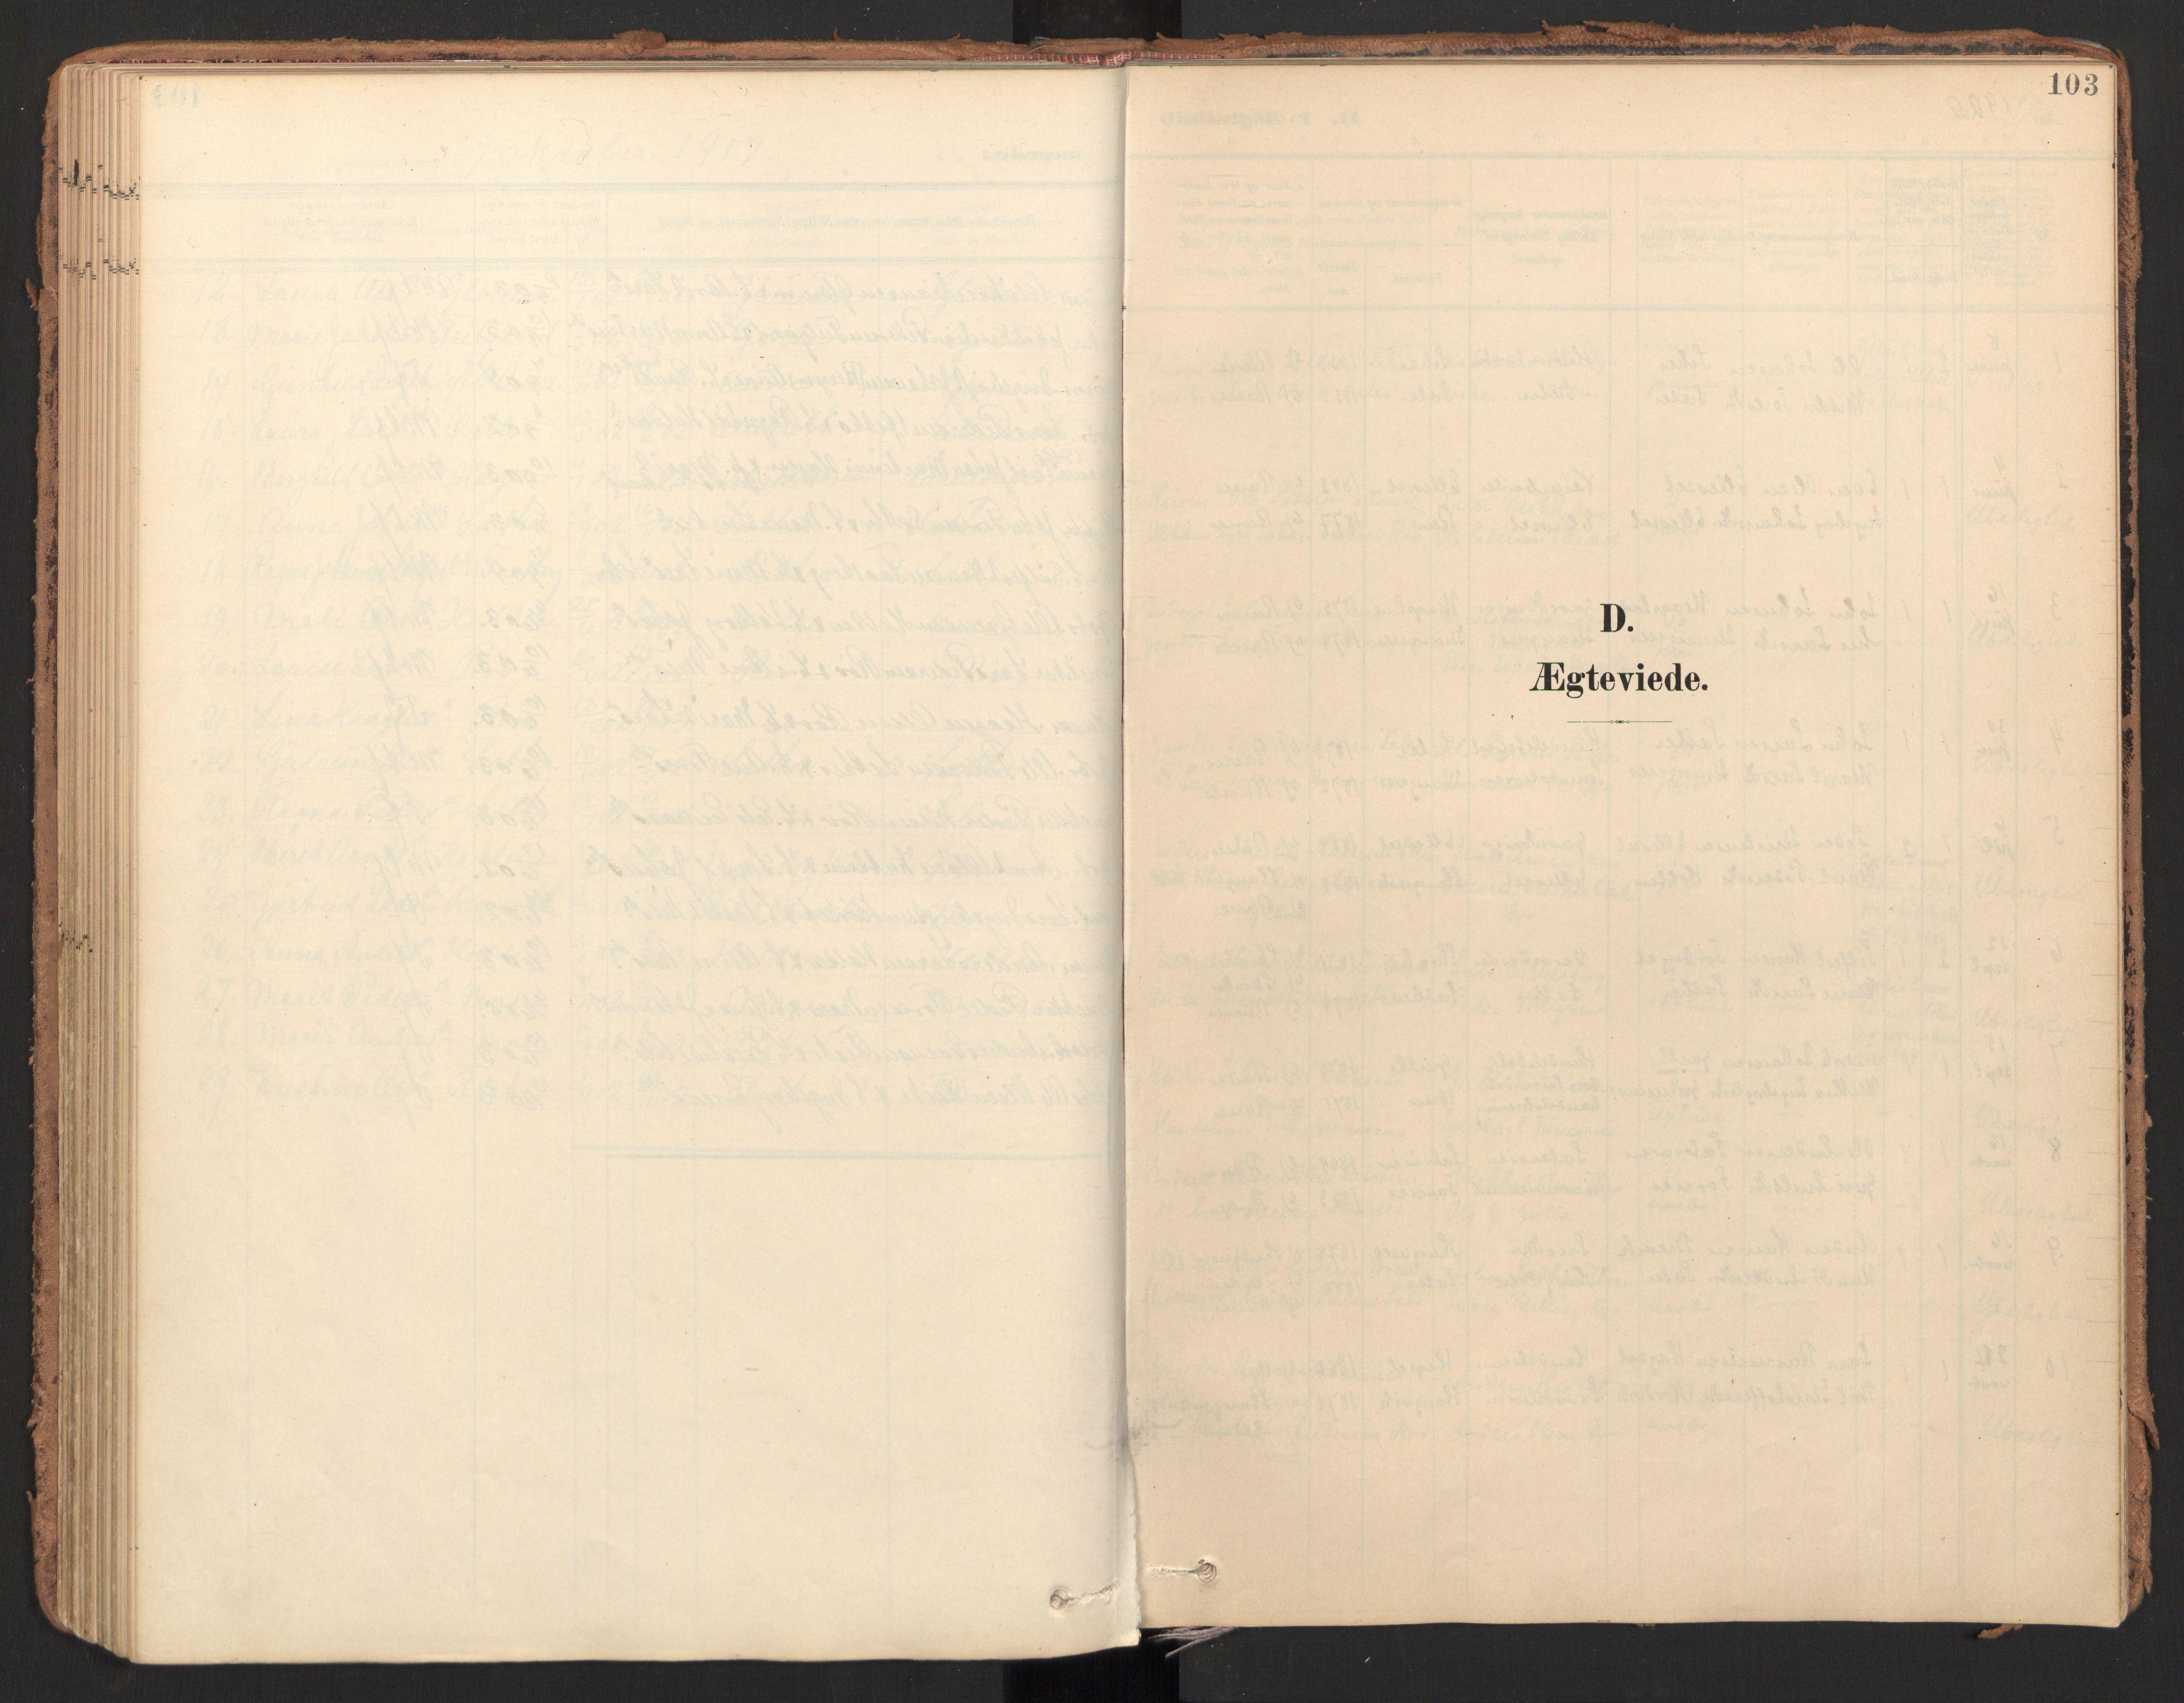 SAT, Ministerialprotokoller, klokkerbøker og fødselsregistre - Møre og Romsdal, 596/L1057: Ministerialbok nr. 596A02, 1900-1917, s. 103